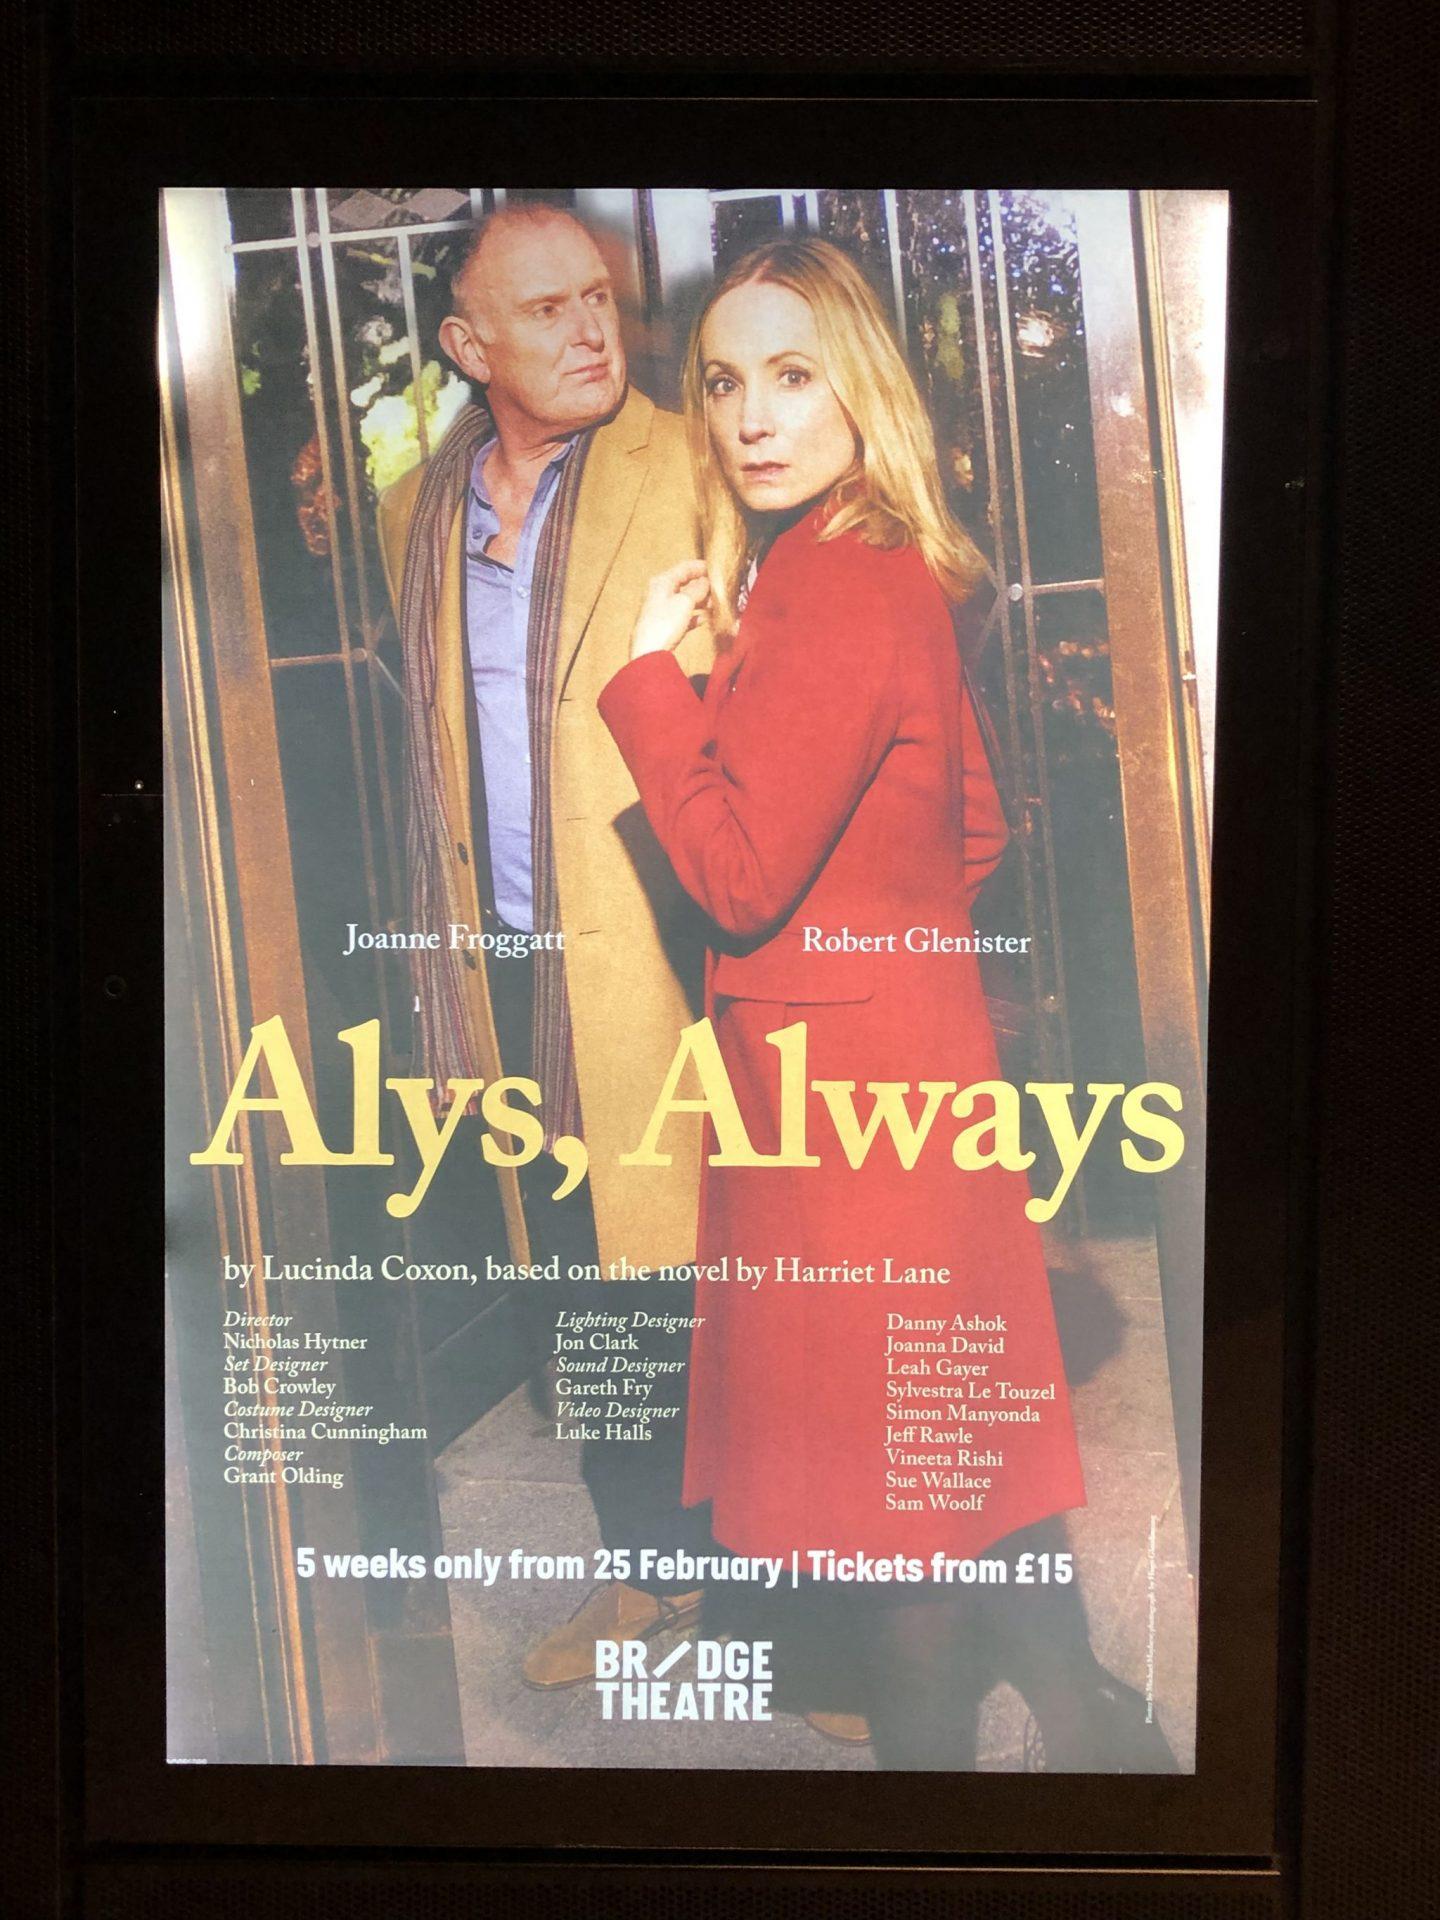 alys-always-bridge-theatre-london-review